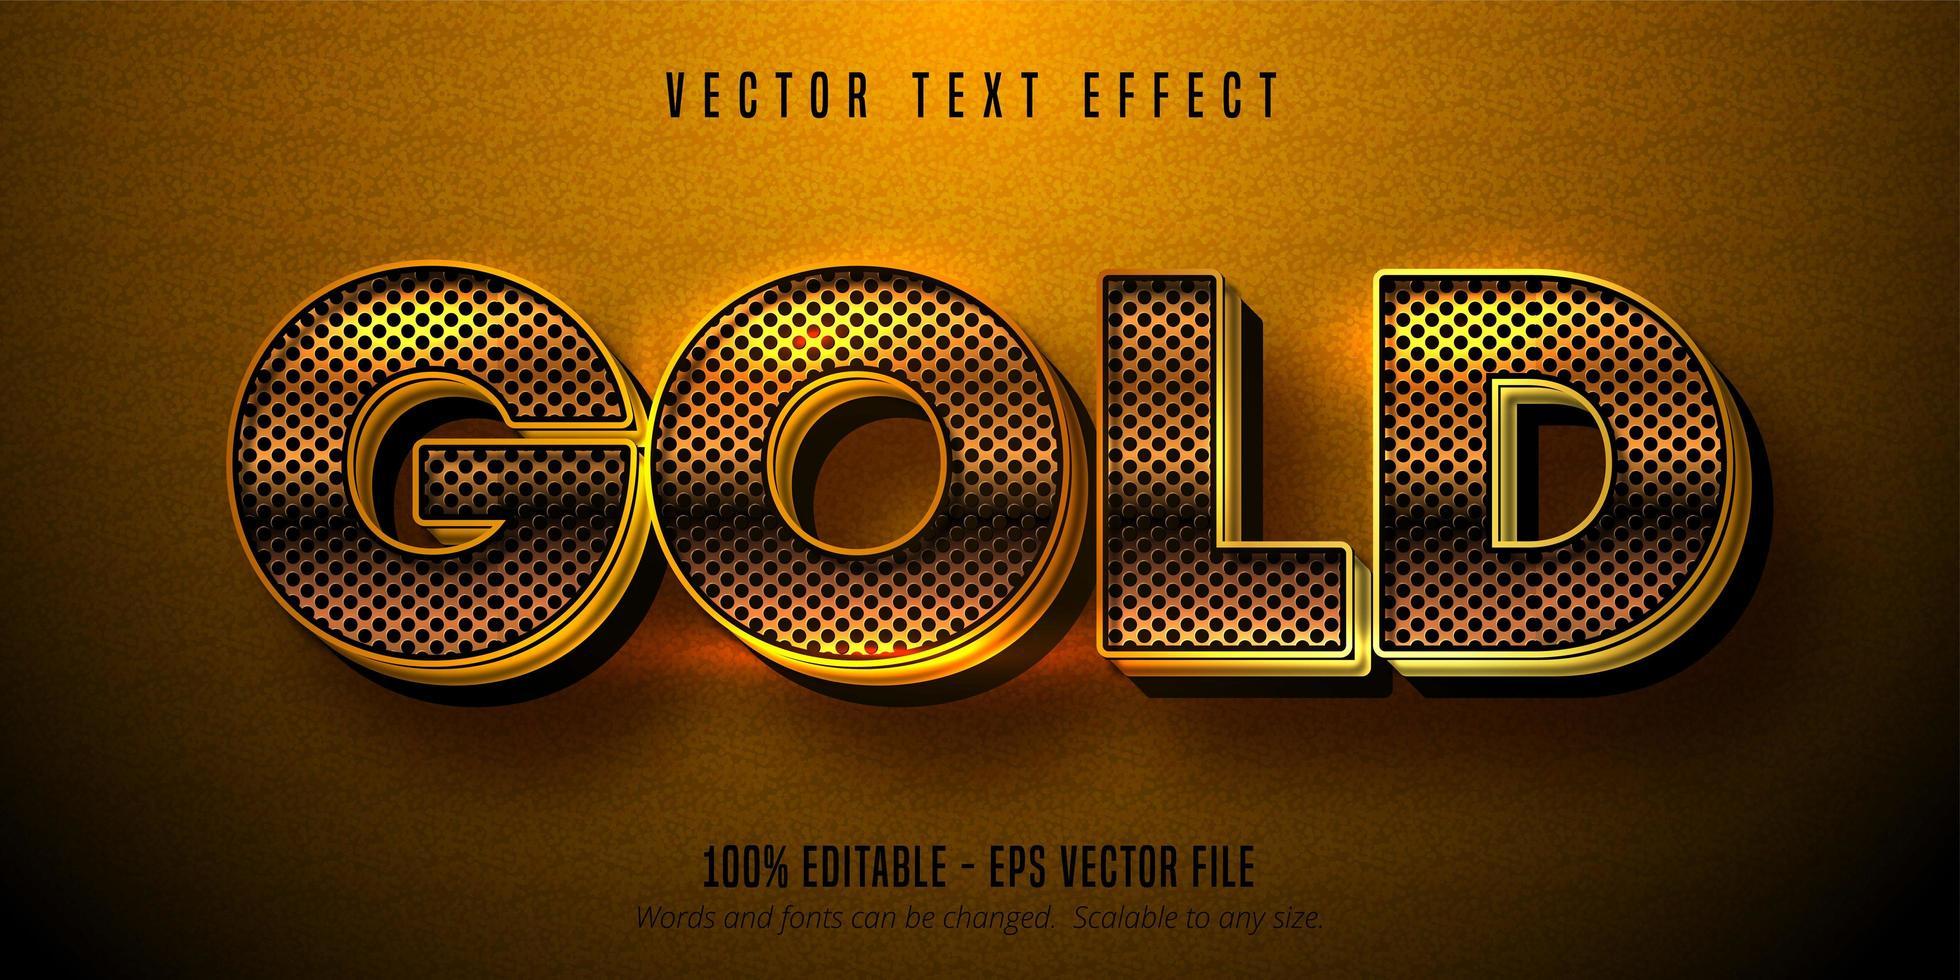 metallischer goldener Texteffekt, glänzender Goldalphabetstil vektor